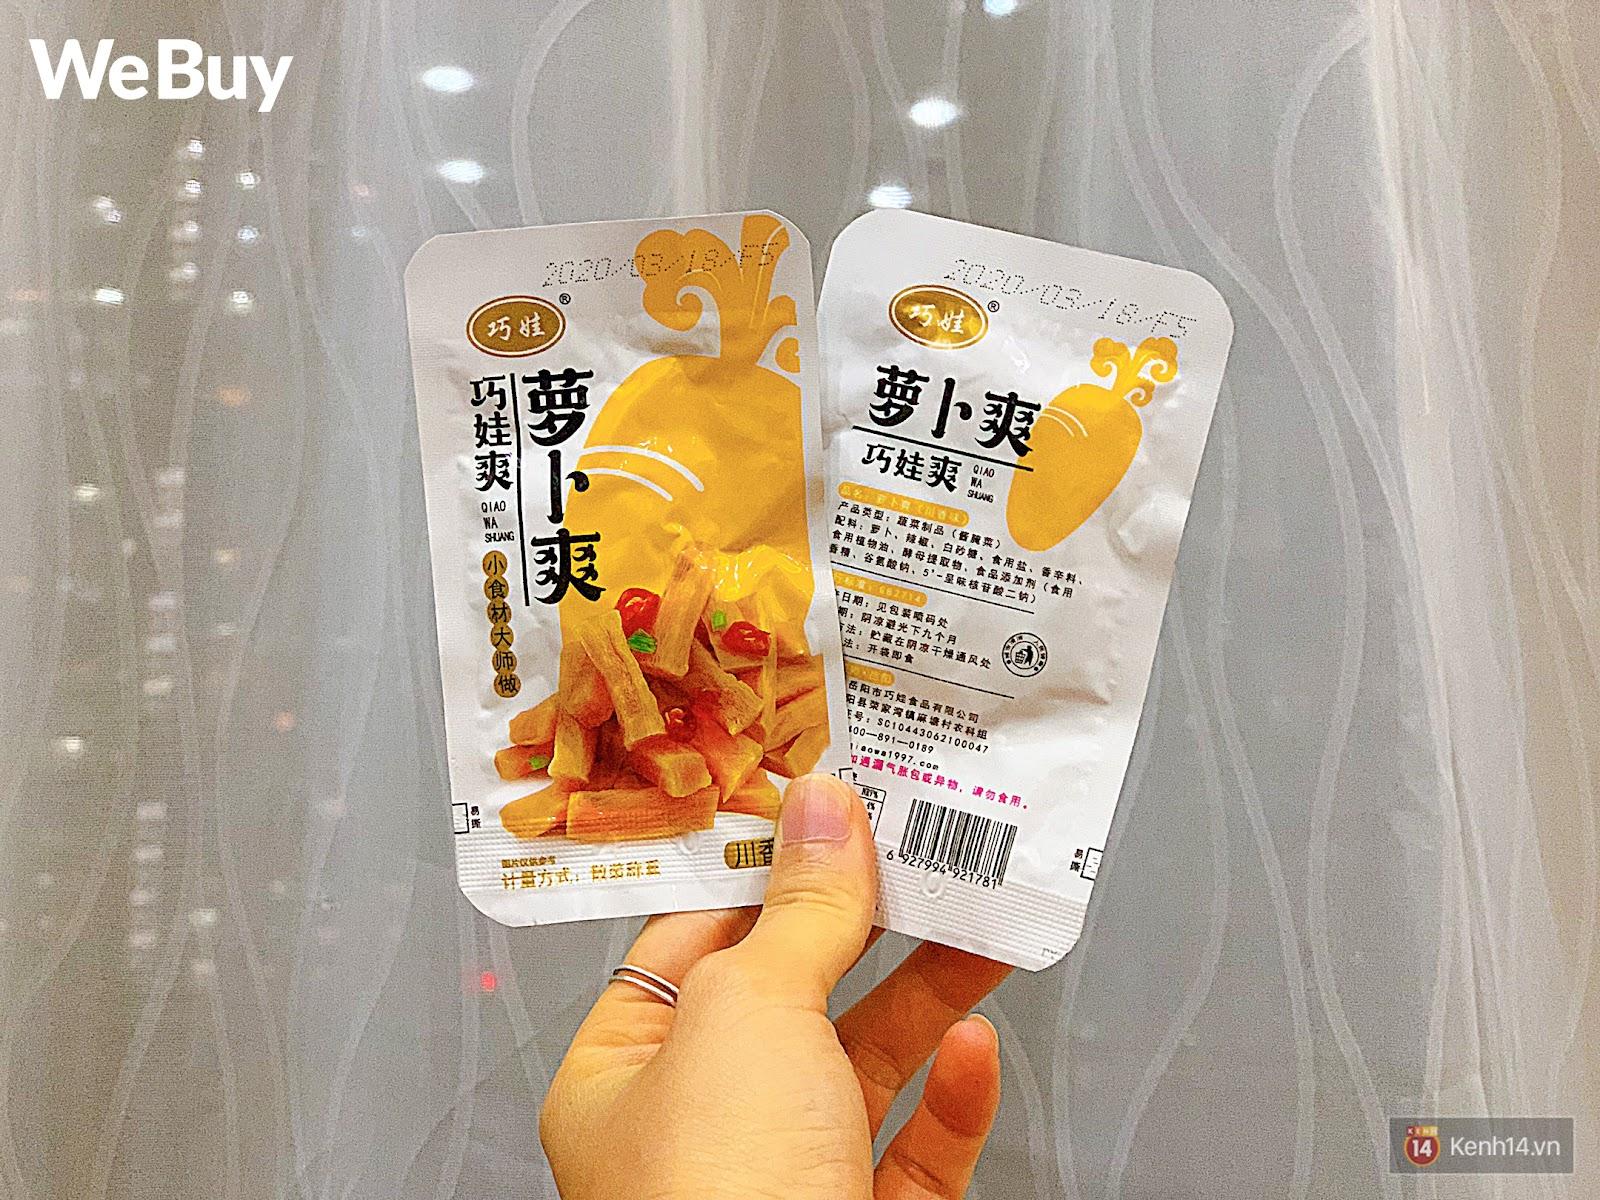 """Review set đồ ăn vặt nội địa Trung Quốc hot hit gần đây: Lung linh hấp dẫn là thế nhưng ăn thử mới thấy như bị... """"lừa tình"""" - Ảnh 6."""